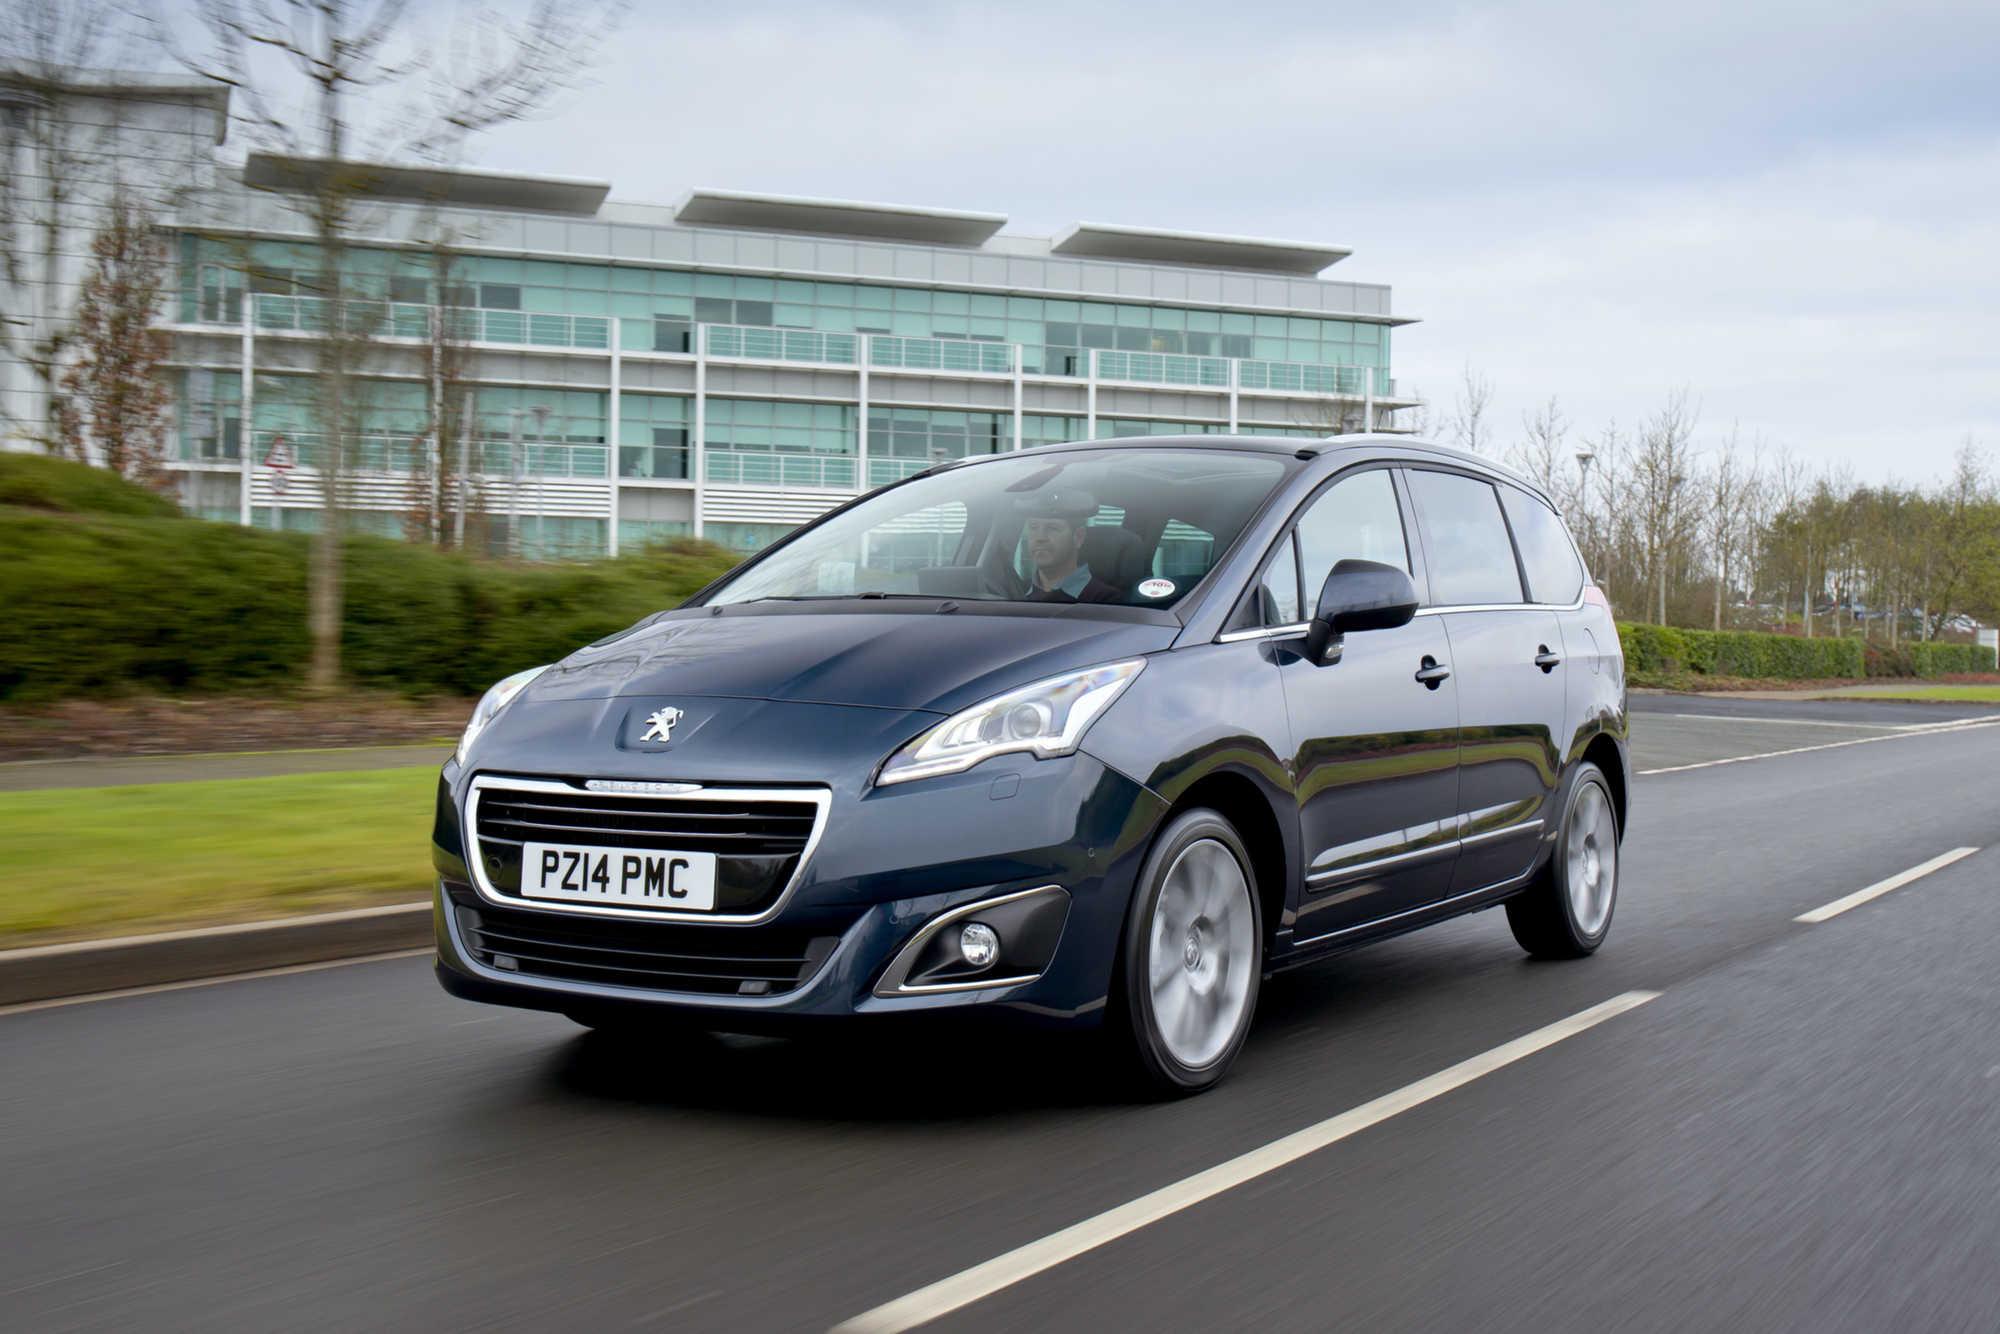 Peugeot 5008 MPV - Car Keys